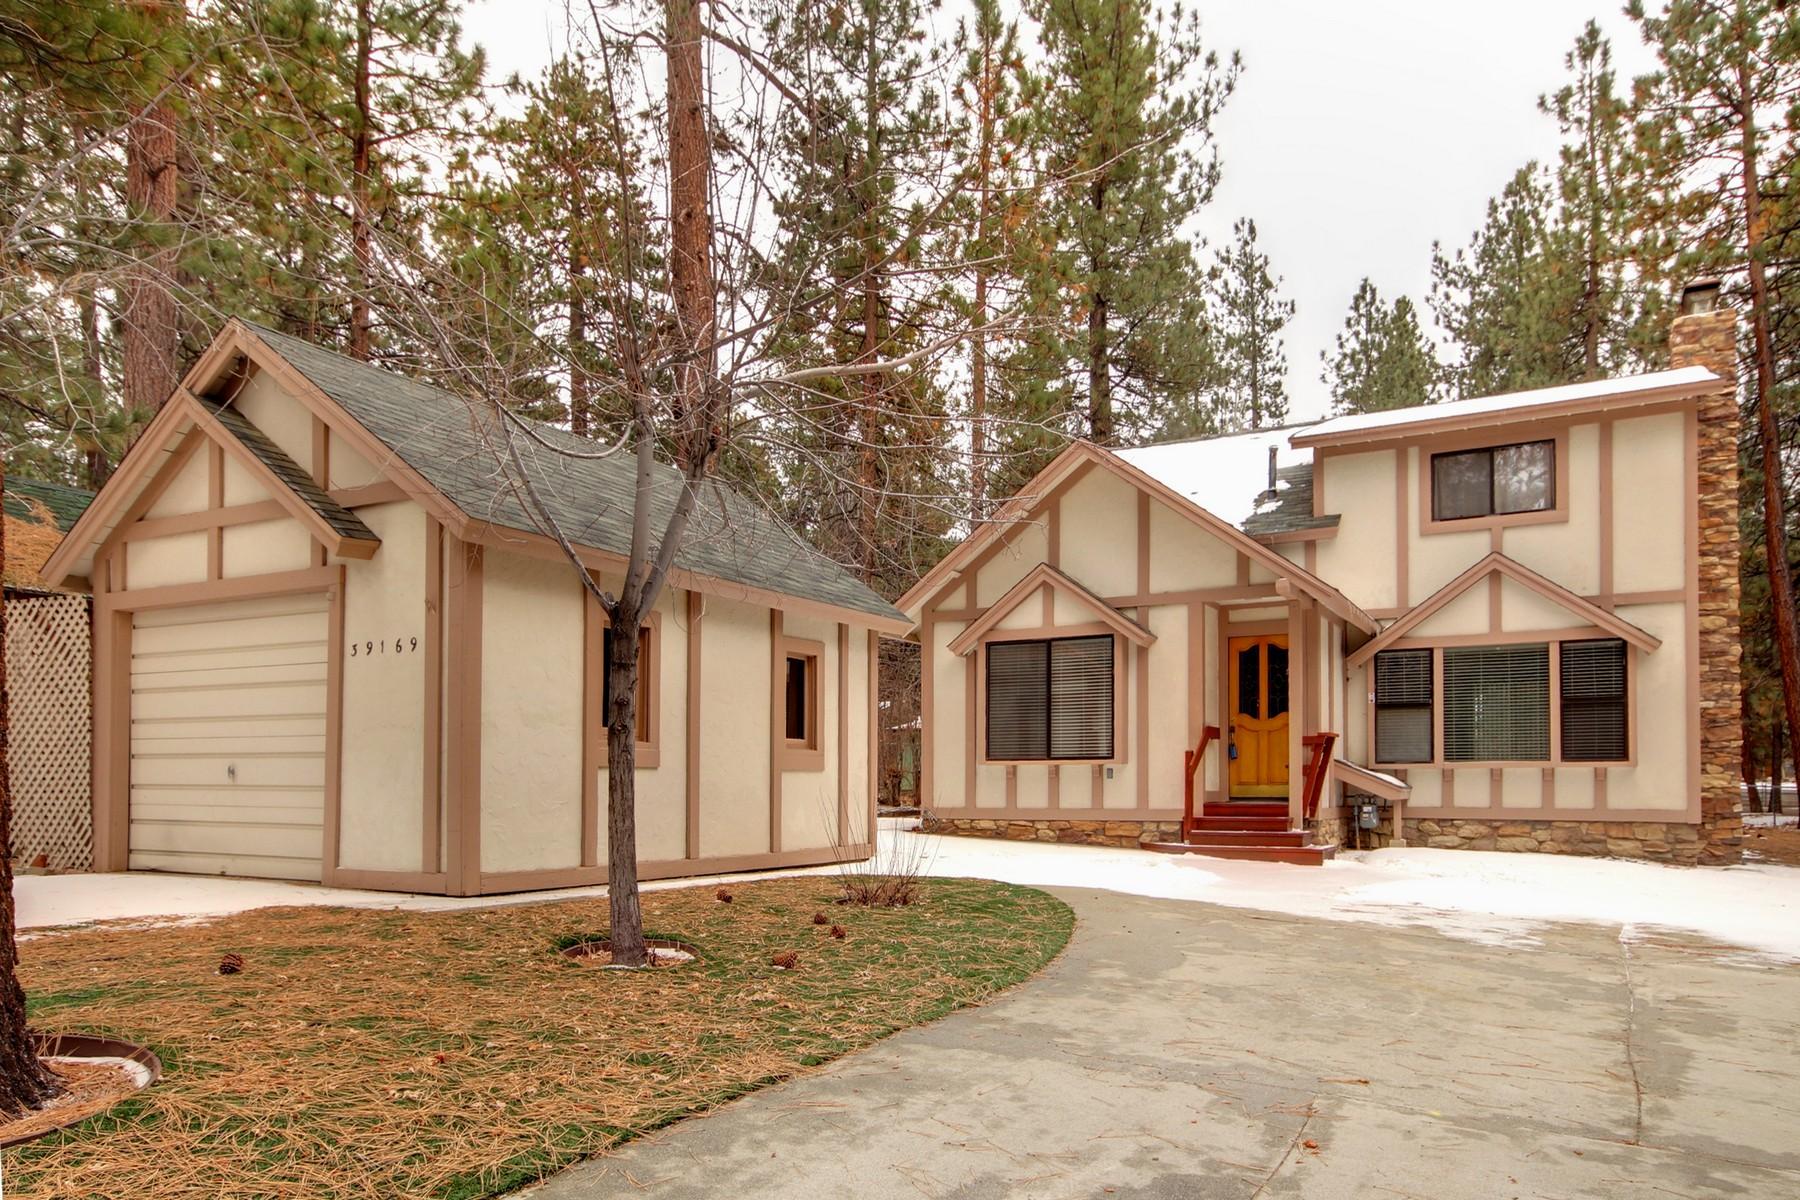 独户住宅 为 销售 在 39169 Robin Road, Big Bear Lake, Ca. 92315 大熊湖, 加利福尼亚州, 92315 美国